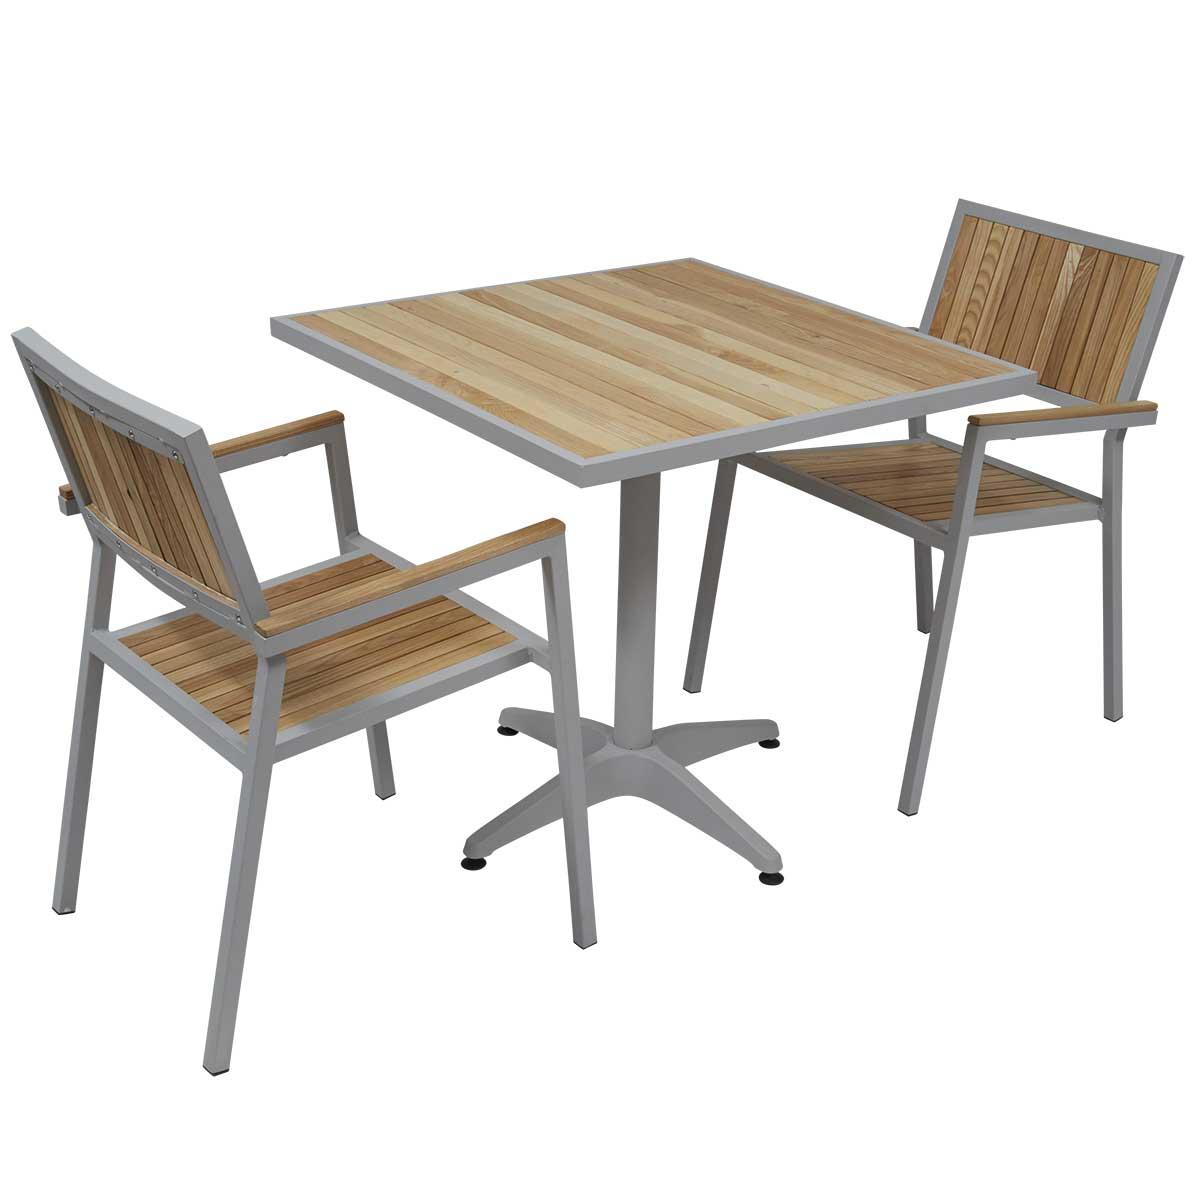 Table De Jardin Avec Chaise Pas Cher Conception - Idees ... intérieur Table Et Chaises De Jardin Pas Cher